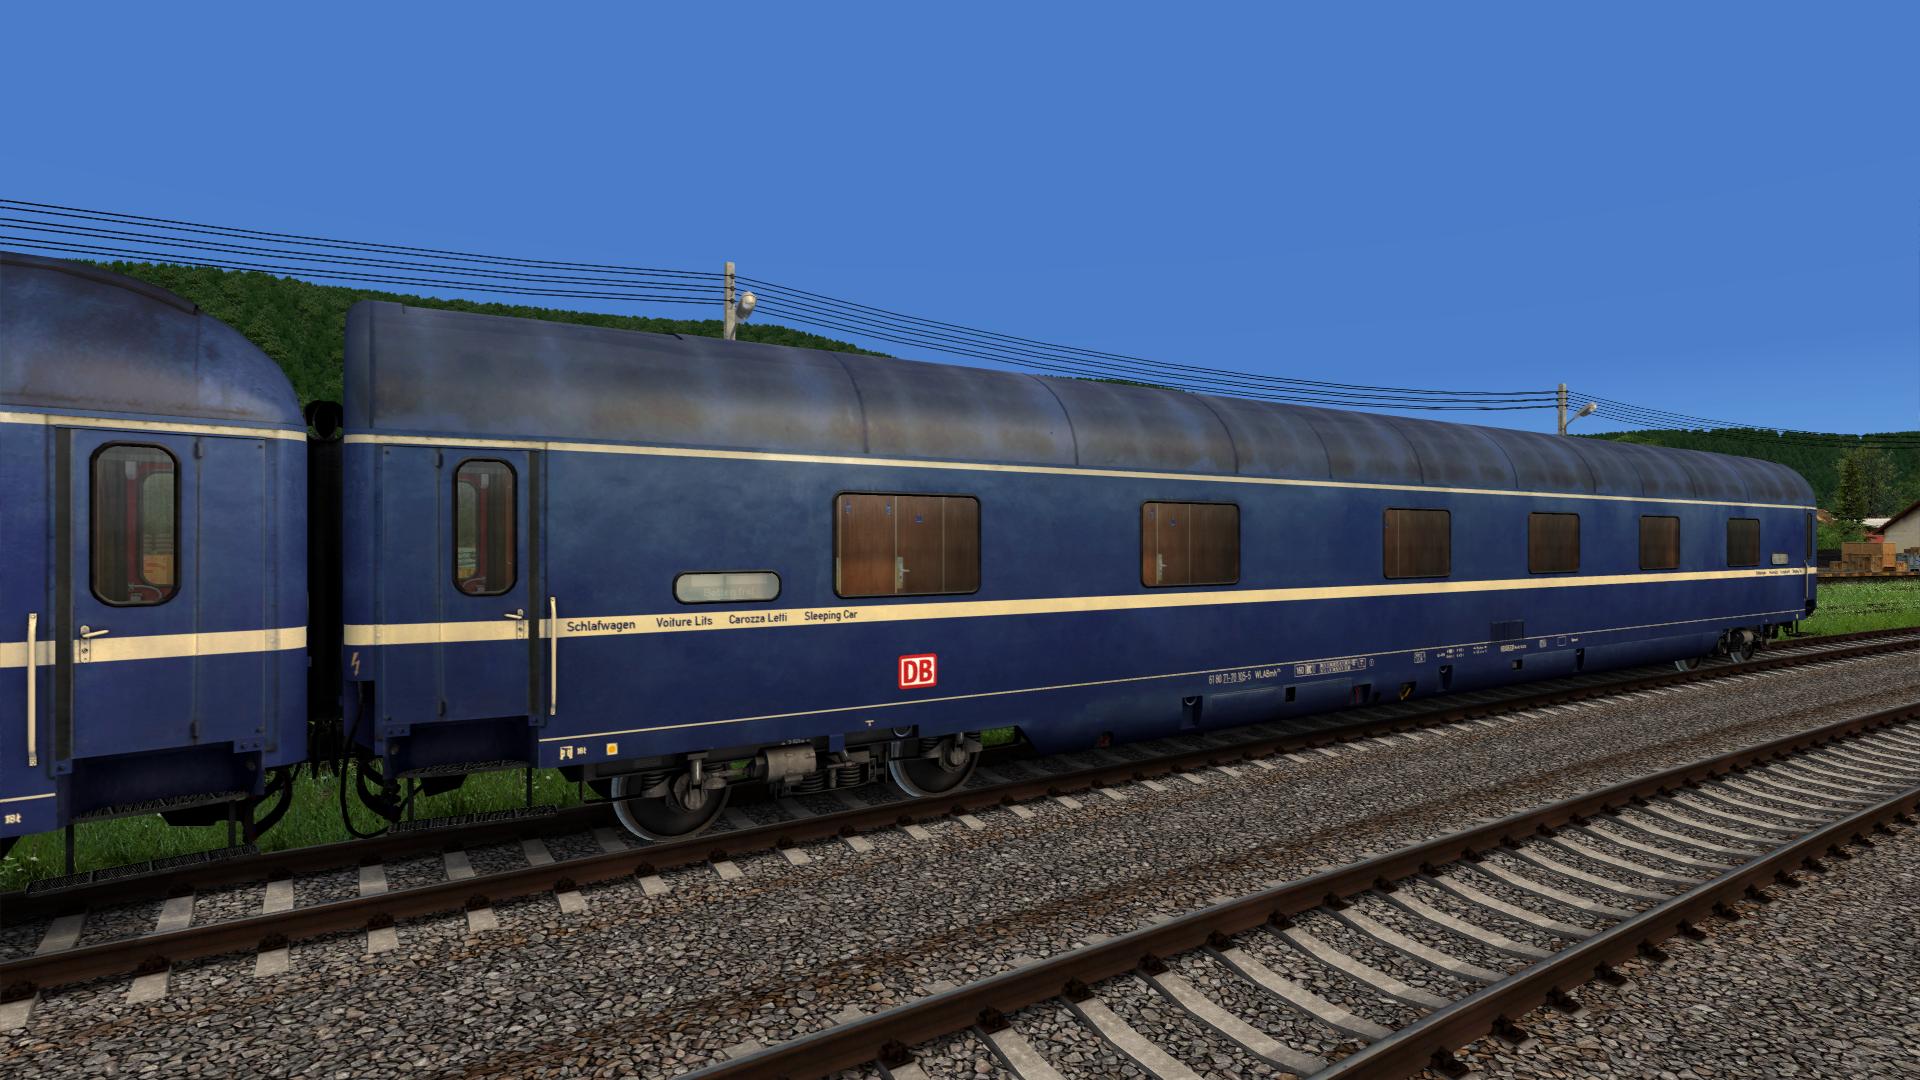 RailWorks64 2021-03-21 15-32-10